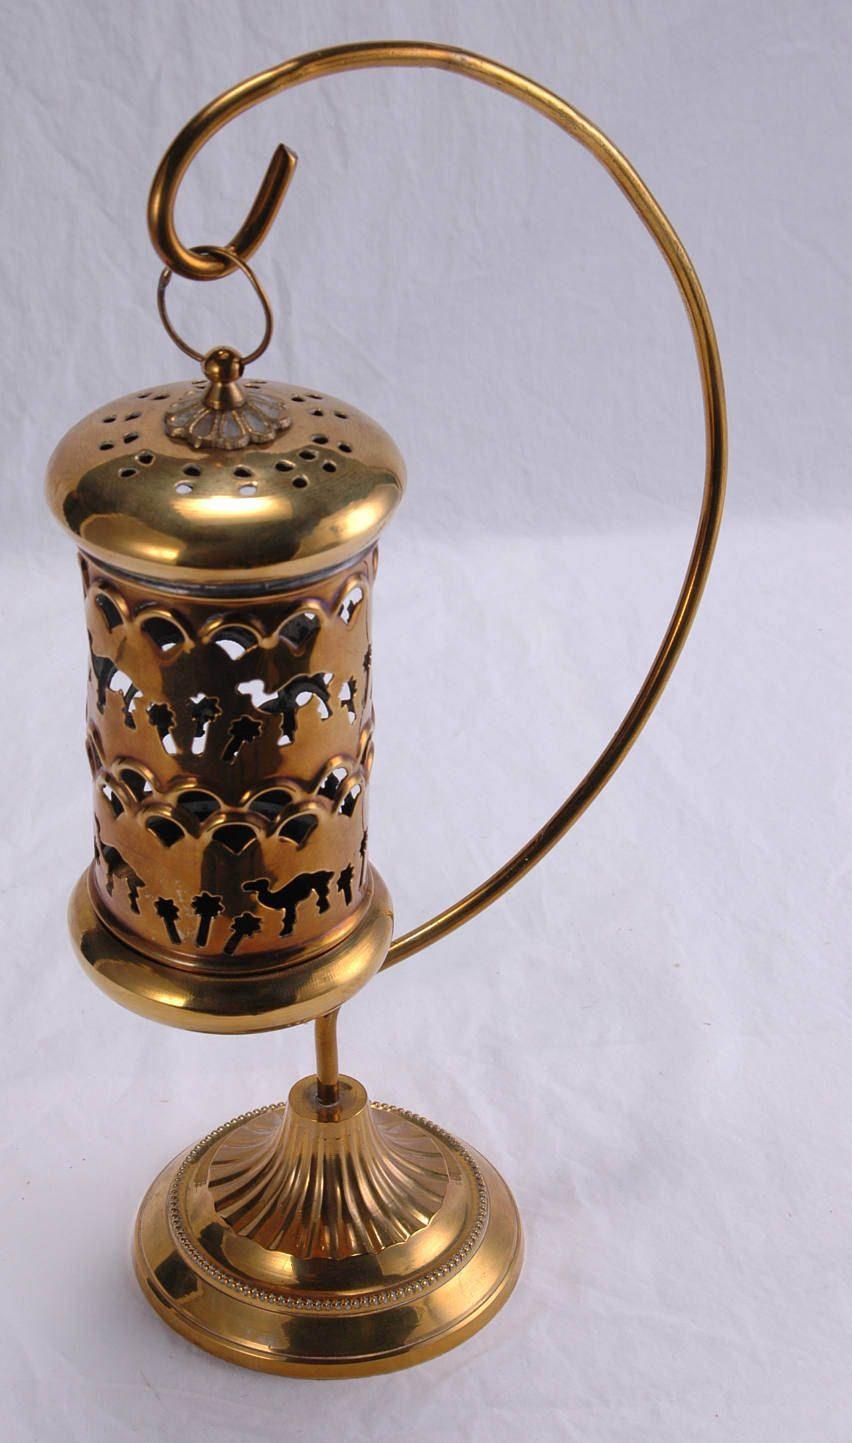 Antique swinging teabag holder